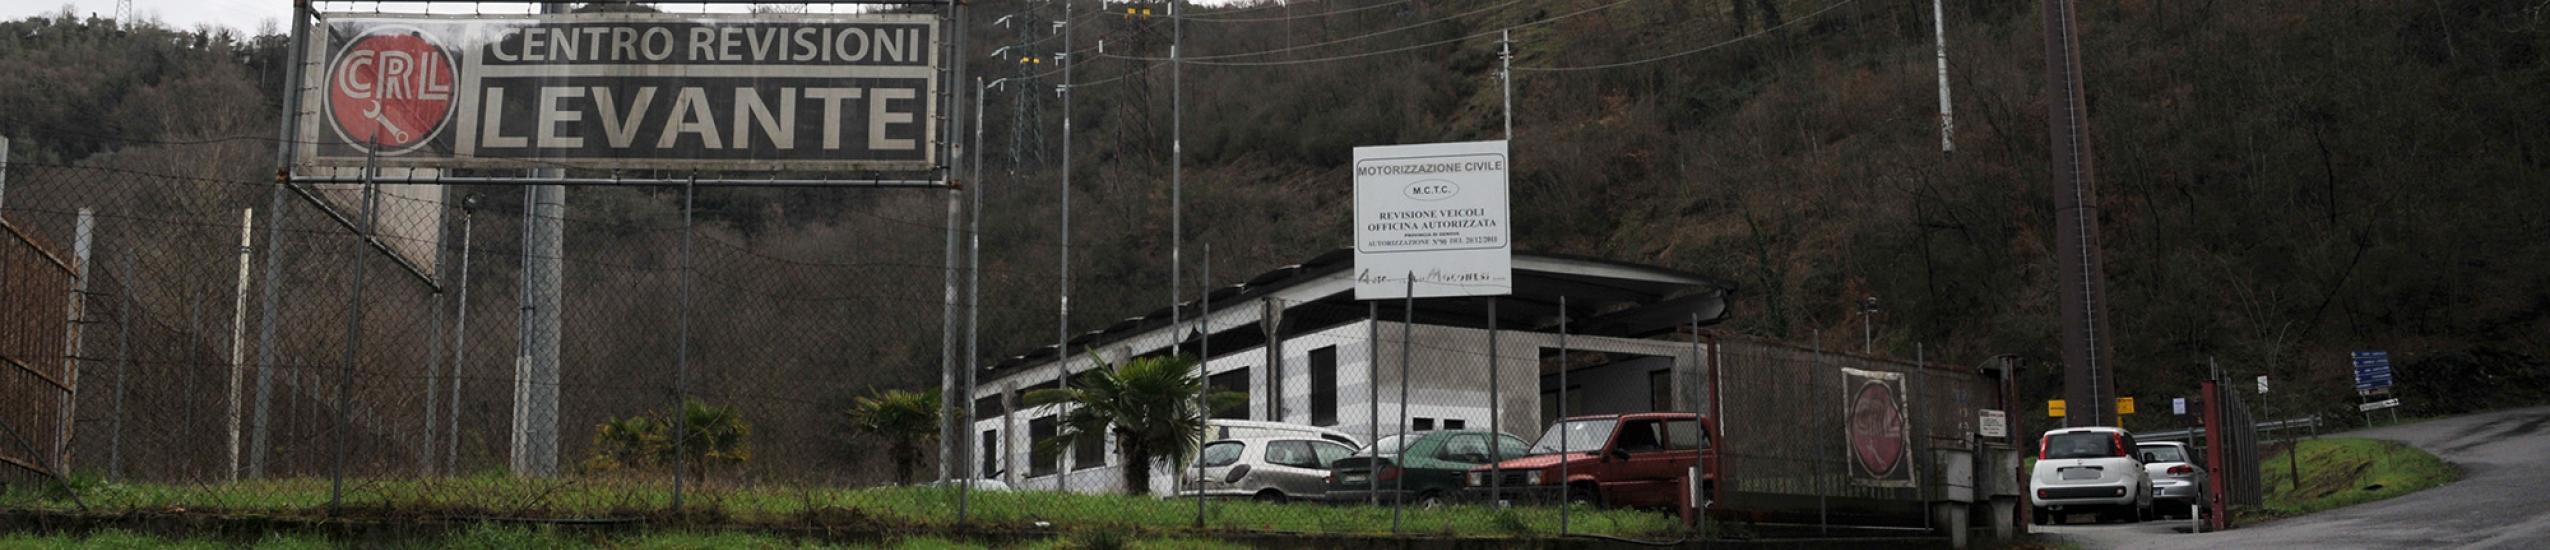 Centro revisioni Levante (0)